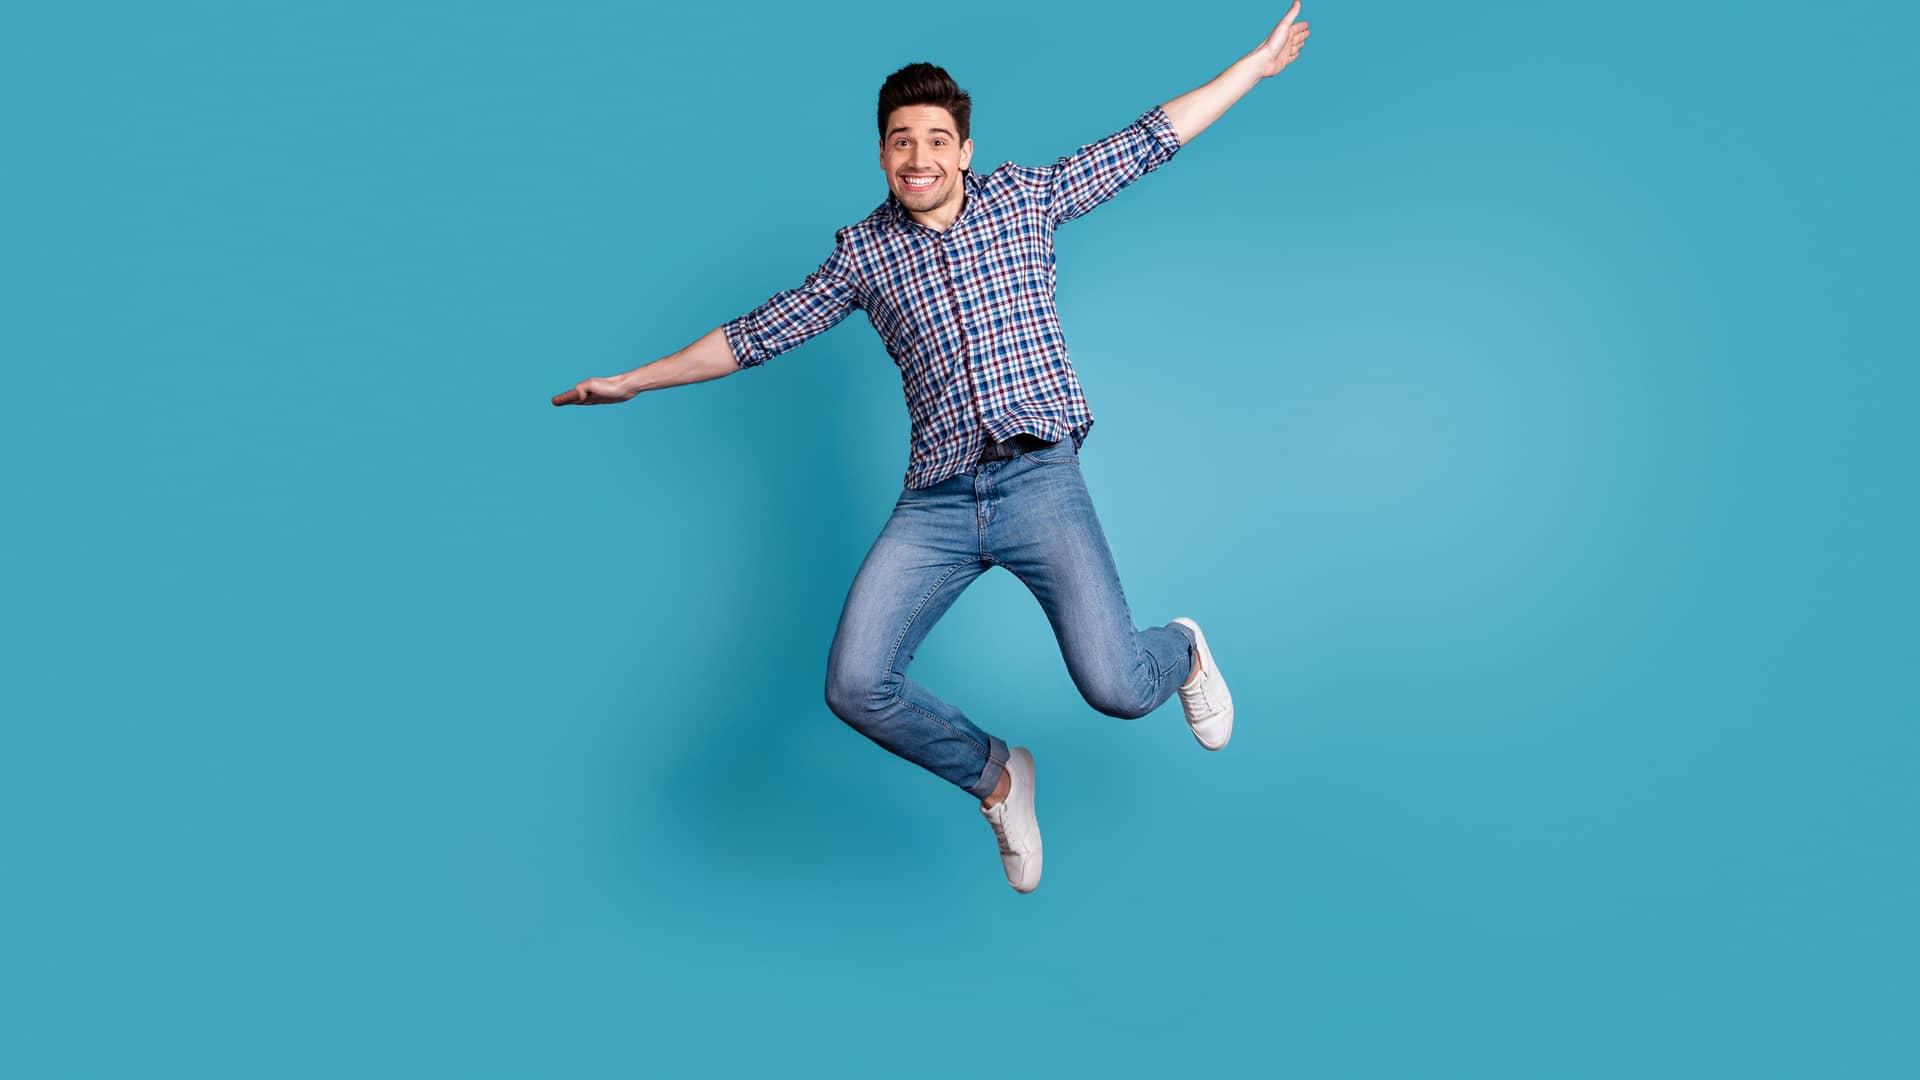 Joven saltando simboliza portabilidad compañía o2